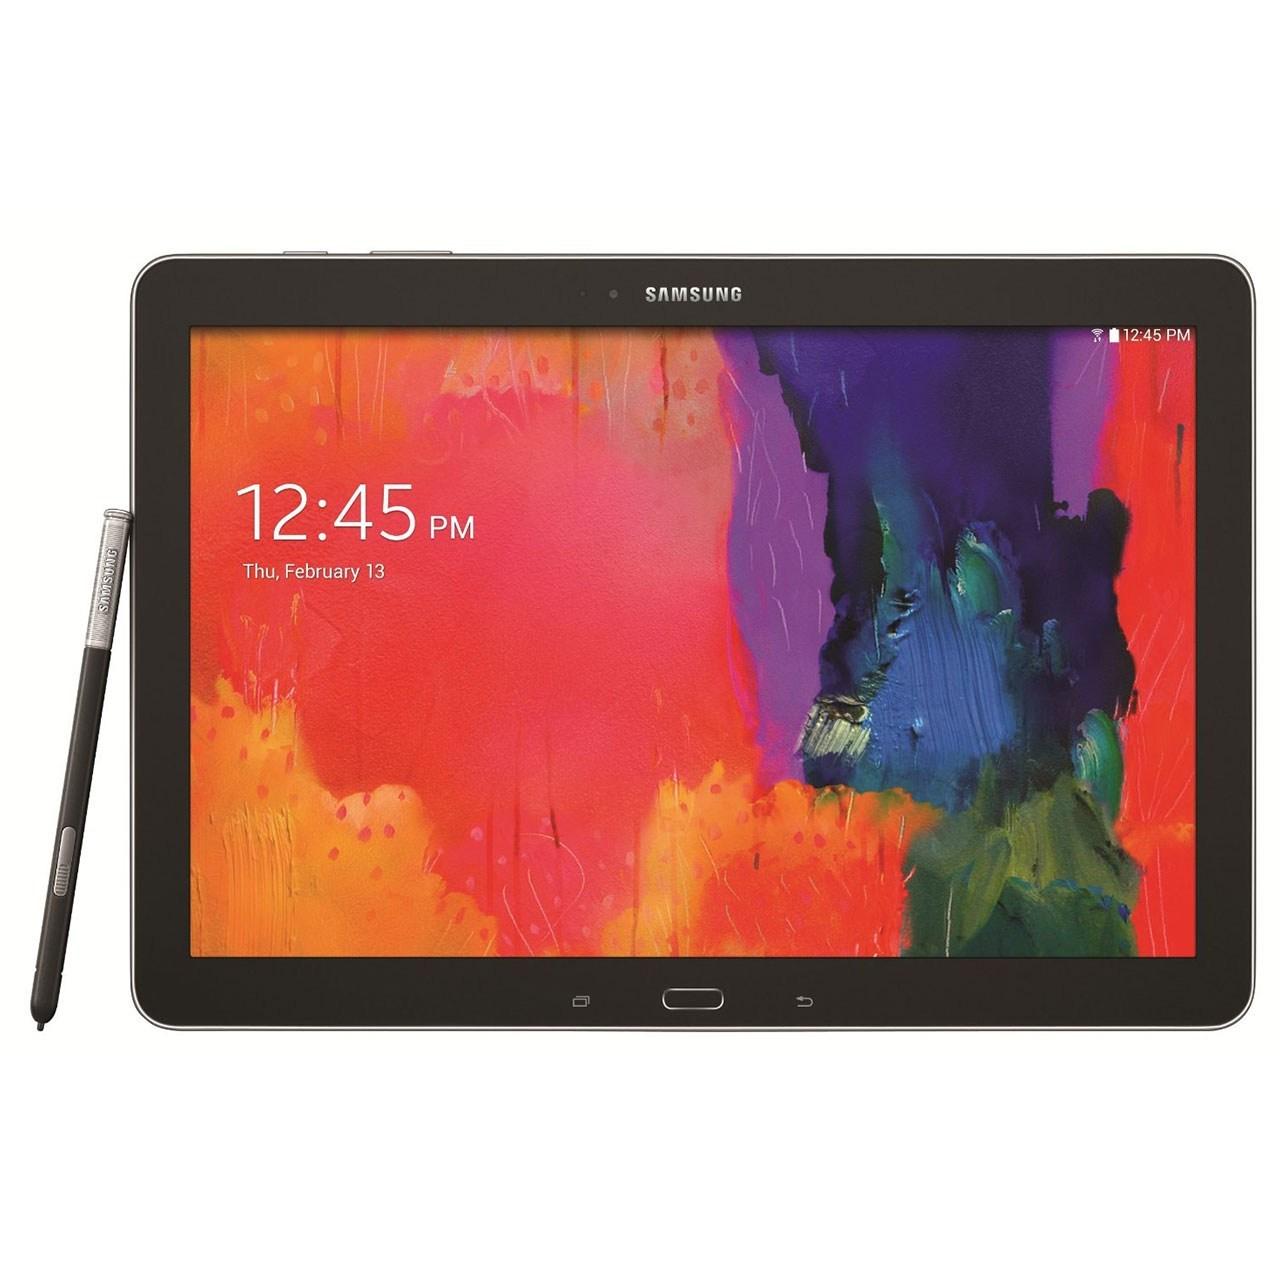 تبلت سامسونگ مدل Galaxy Note Pro 12.2 3G - ظرفیت 32 گیگابایت